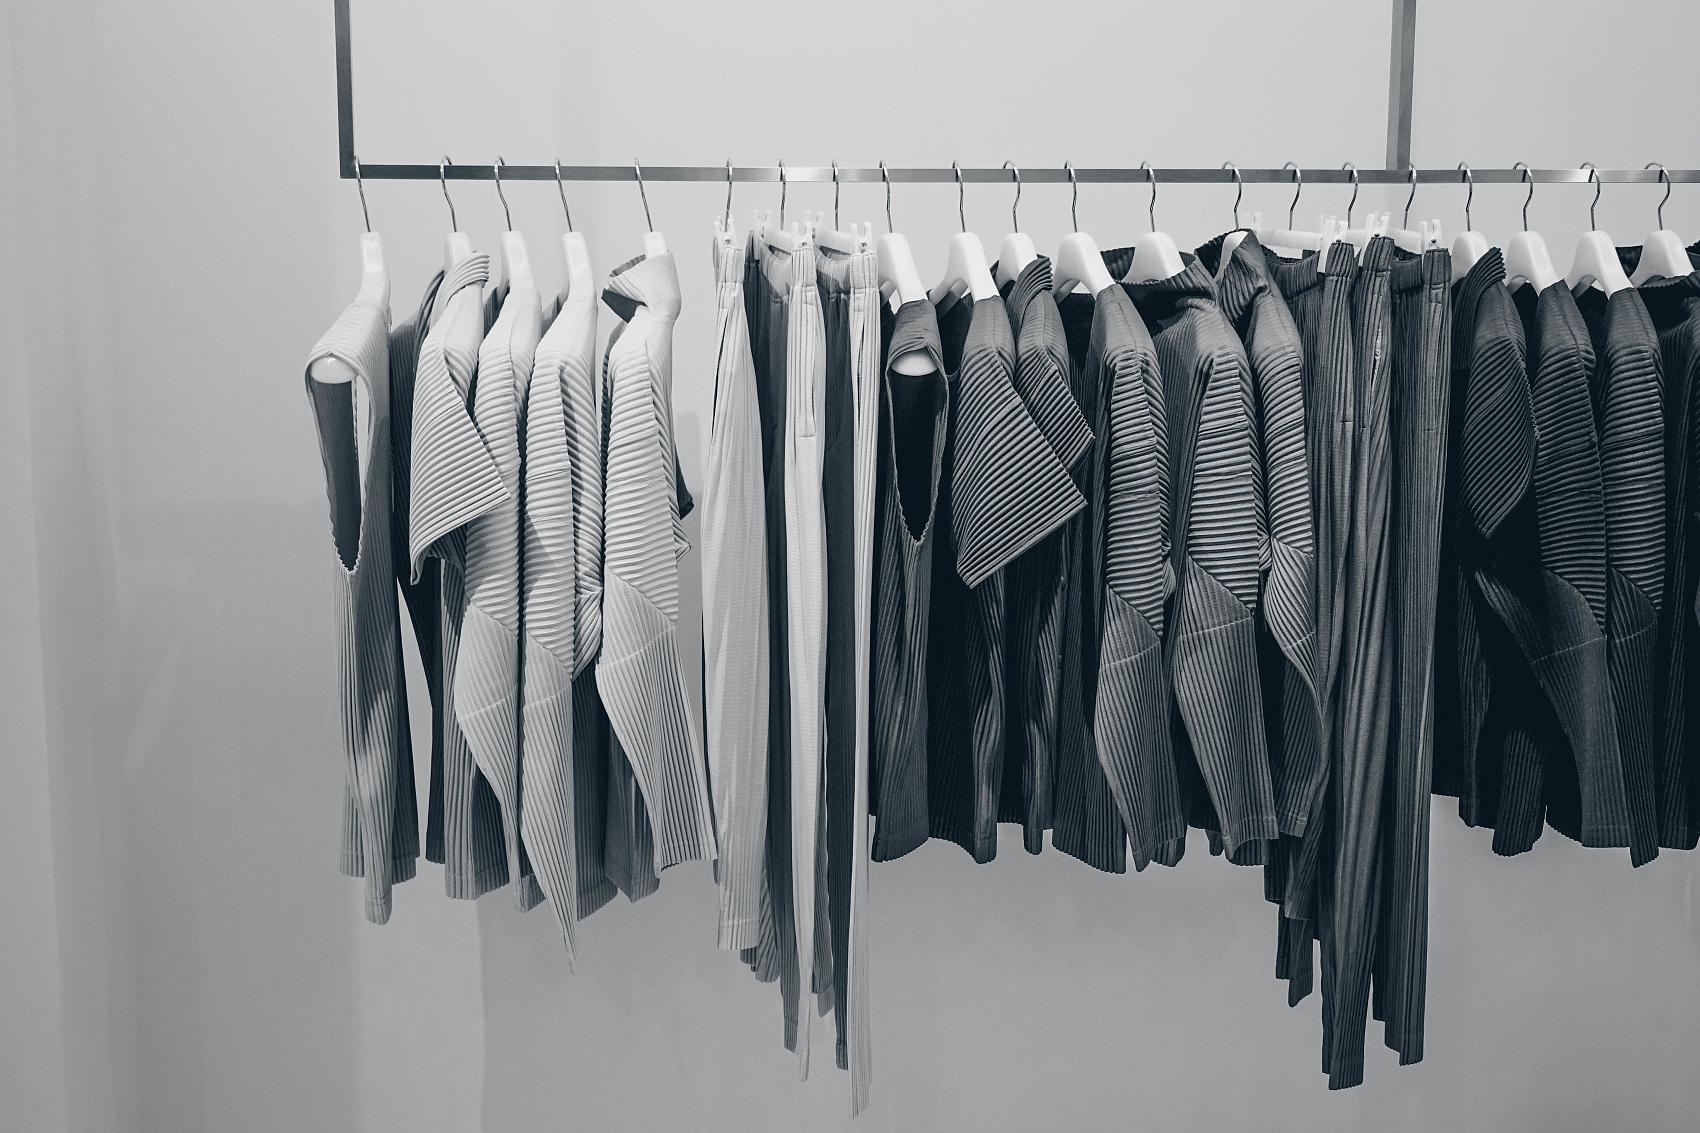 退出中国市场的日本服装品牌,与优衣库的悲欢并不相通